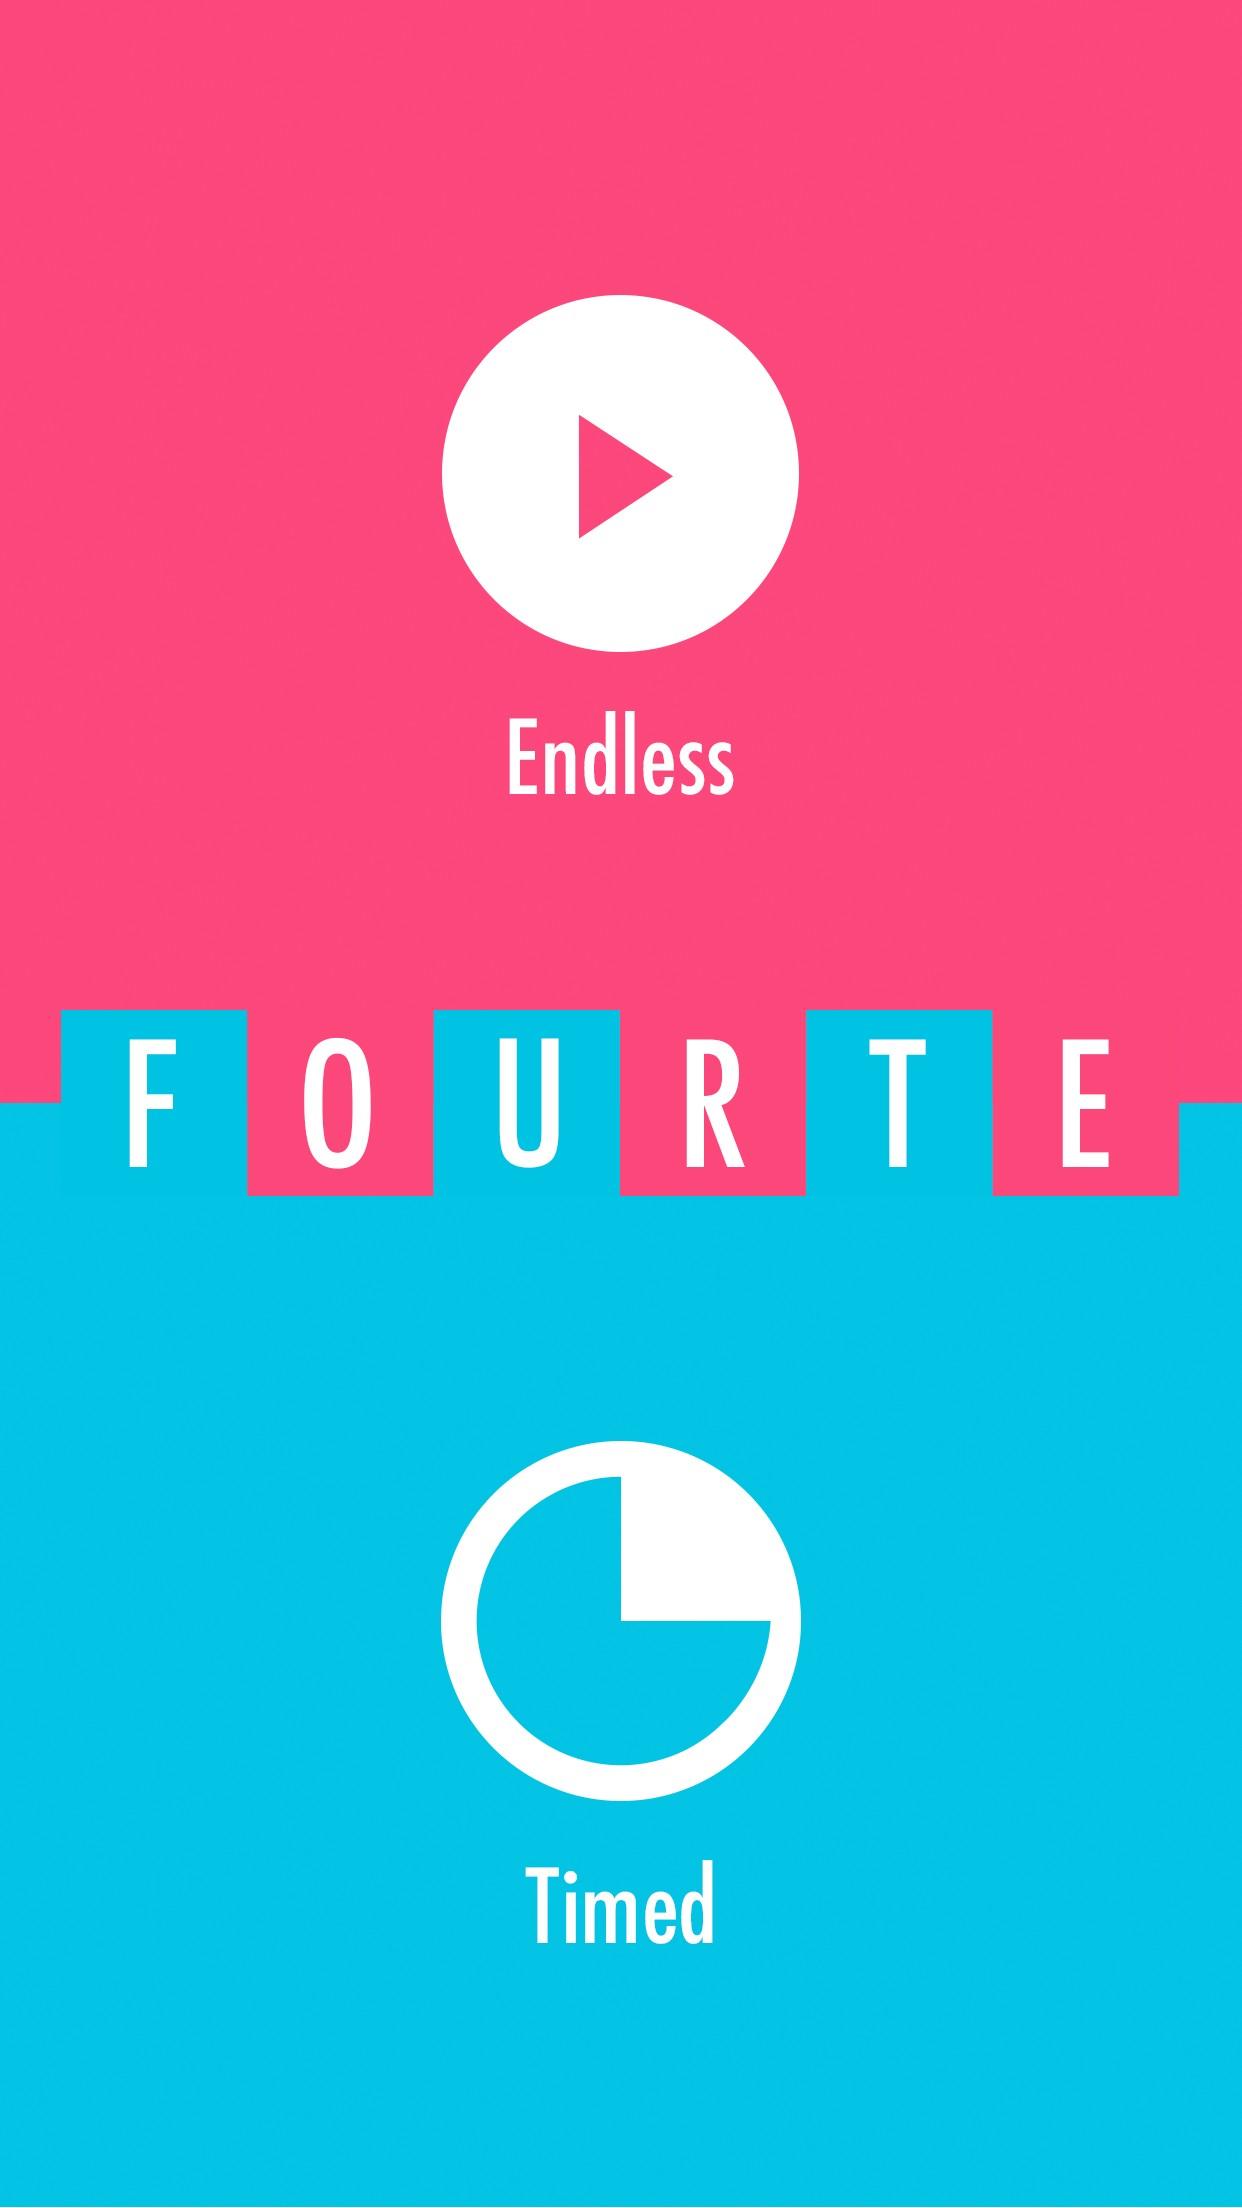 Fourte